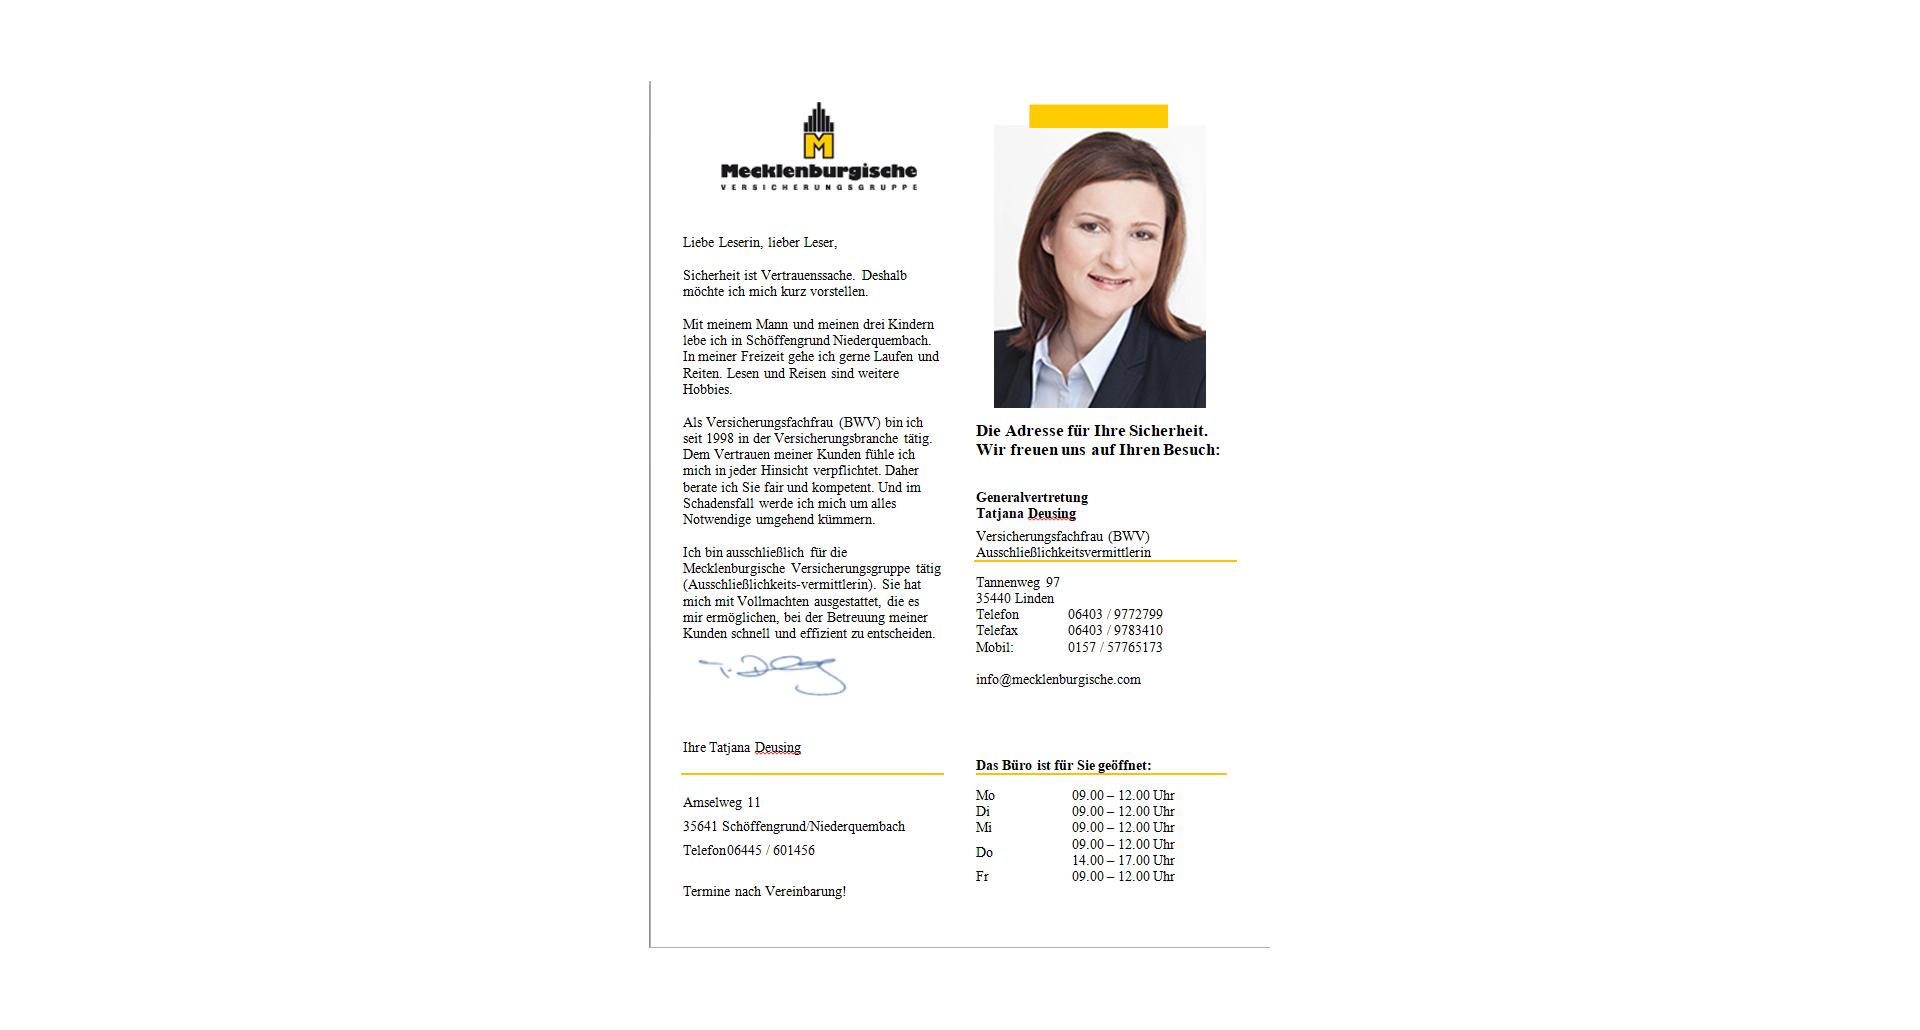 Tatjana Deusing Mecklenburgische Versicherungsgruppe